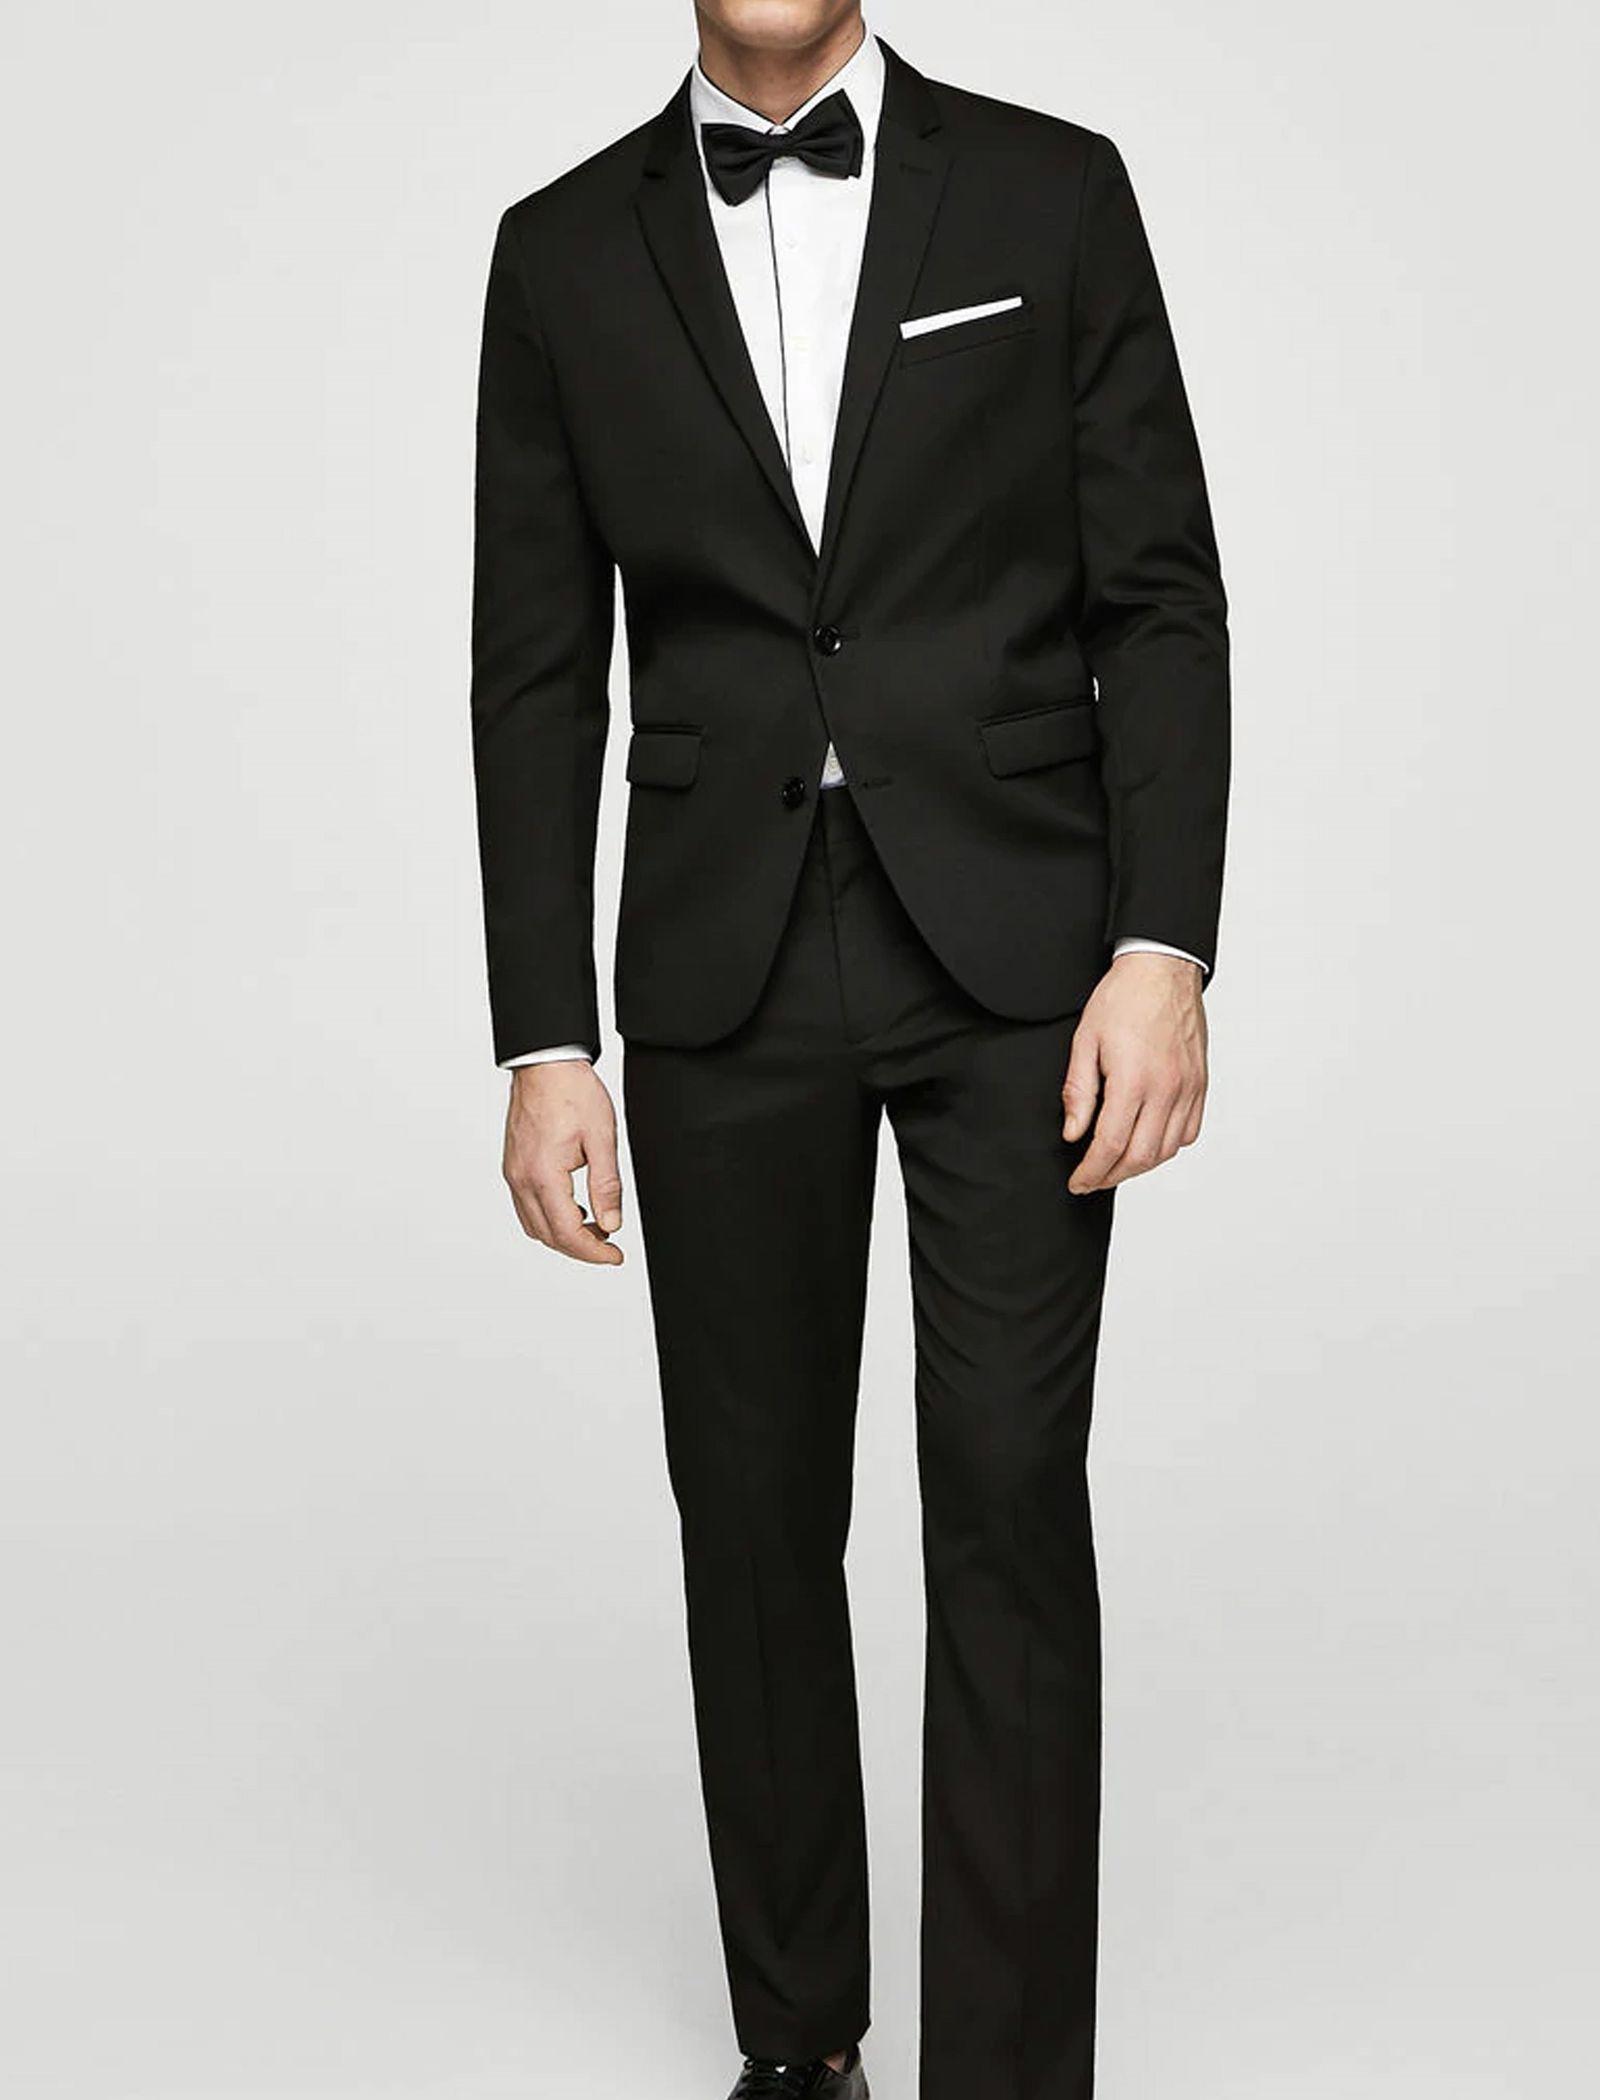 پیراهن نخی آستین بلند مردانه - مانگو - سفيد - 10